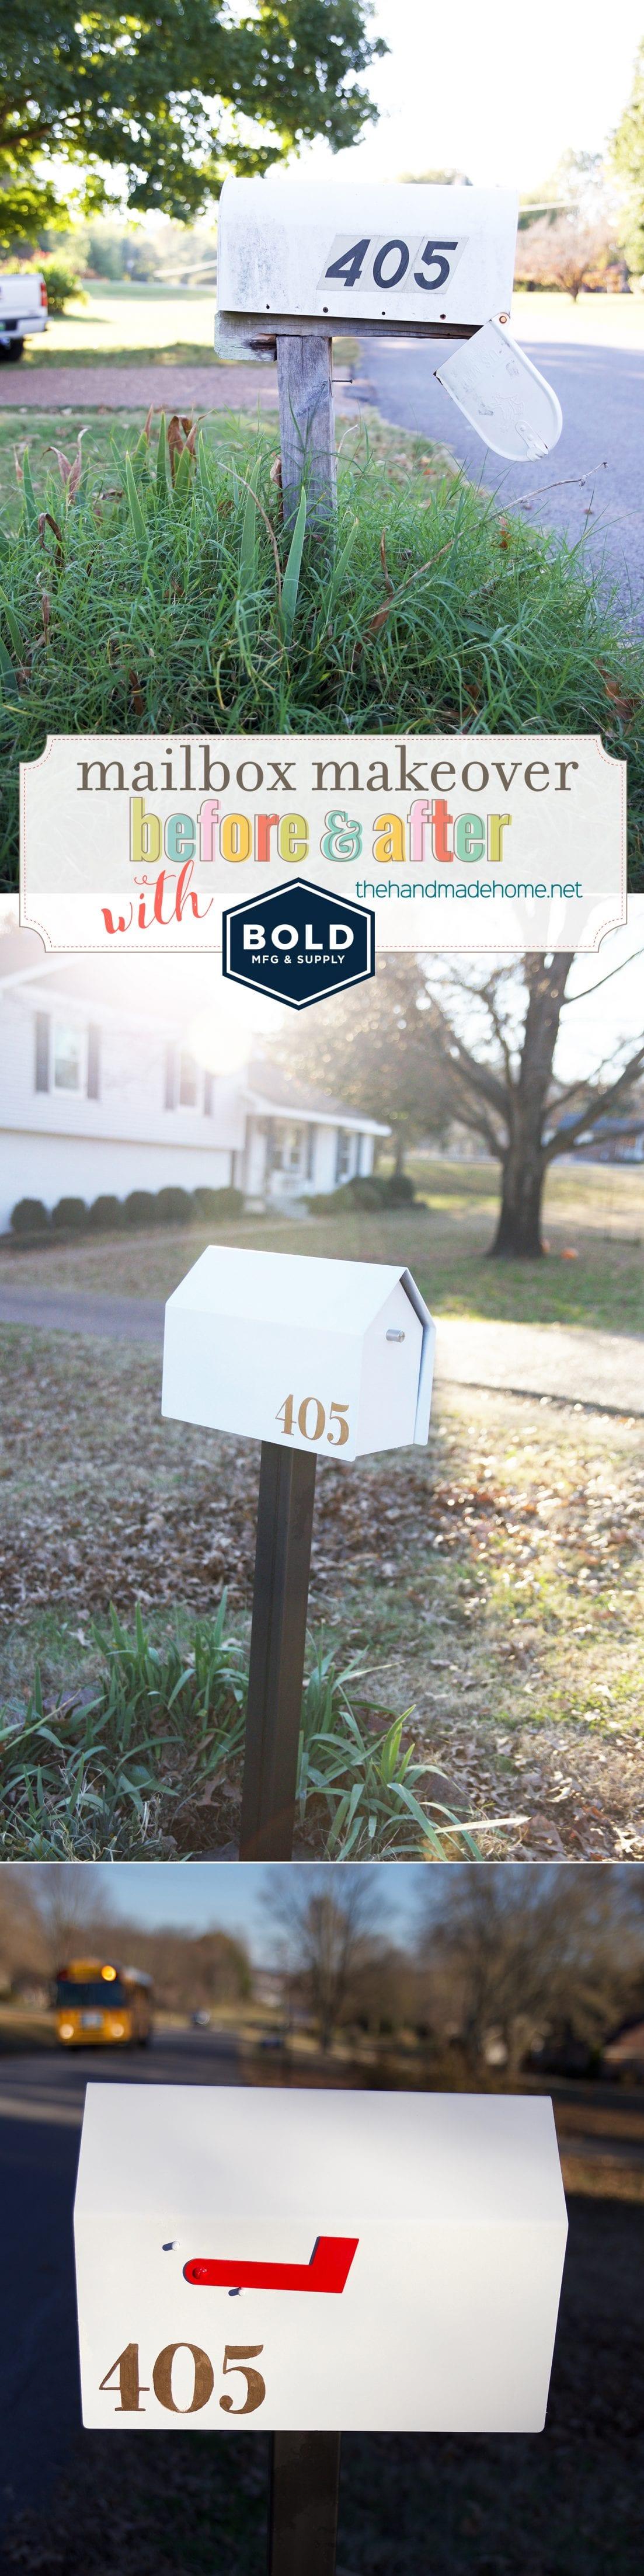 Mailbox Makeover